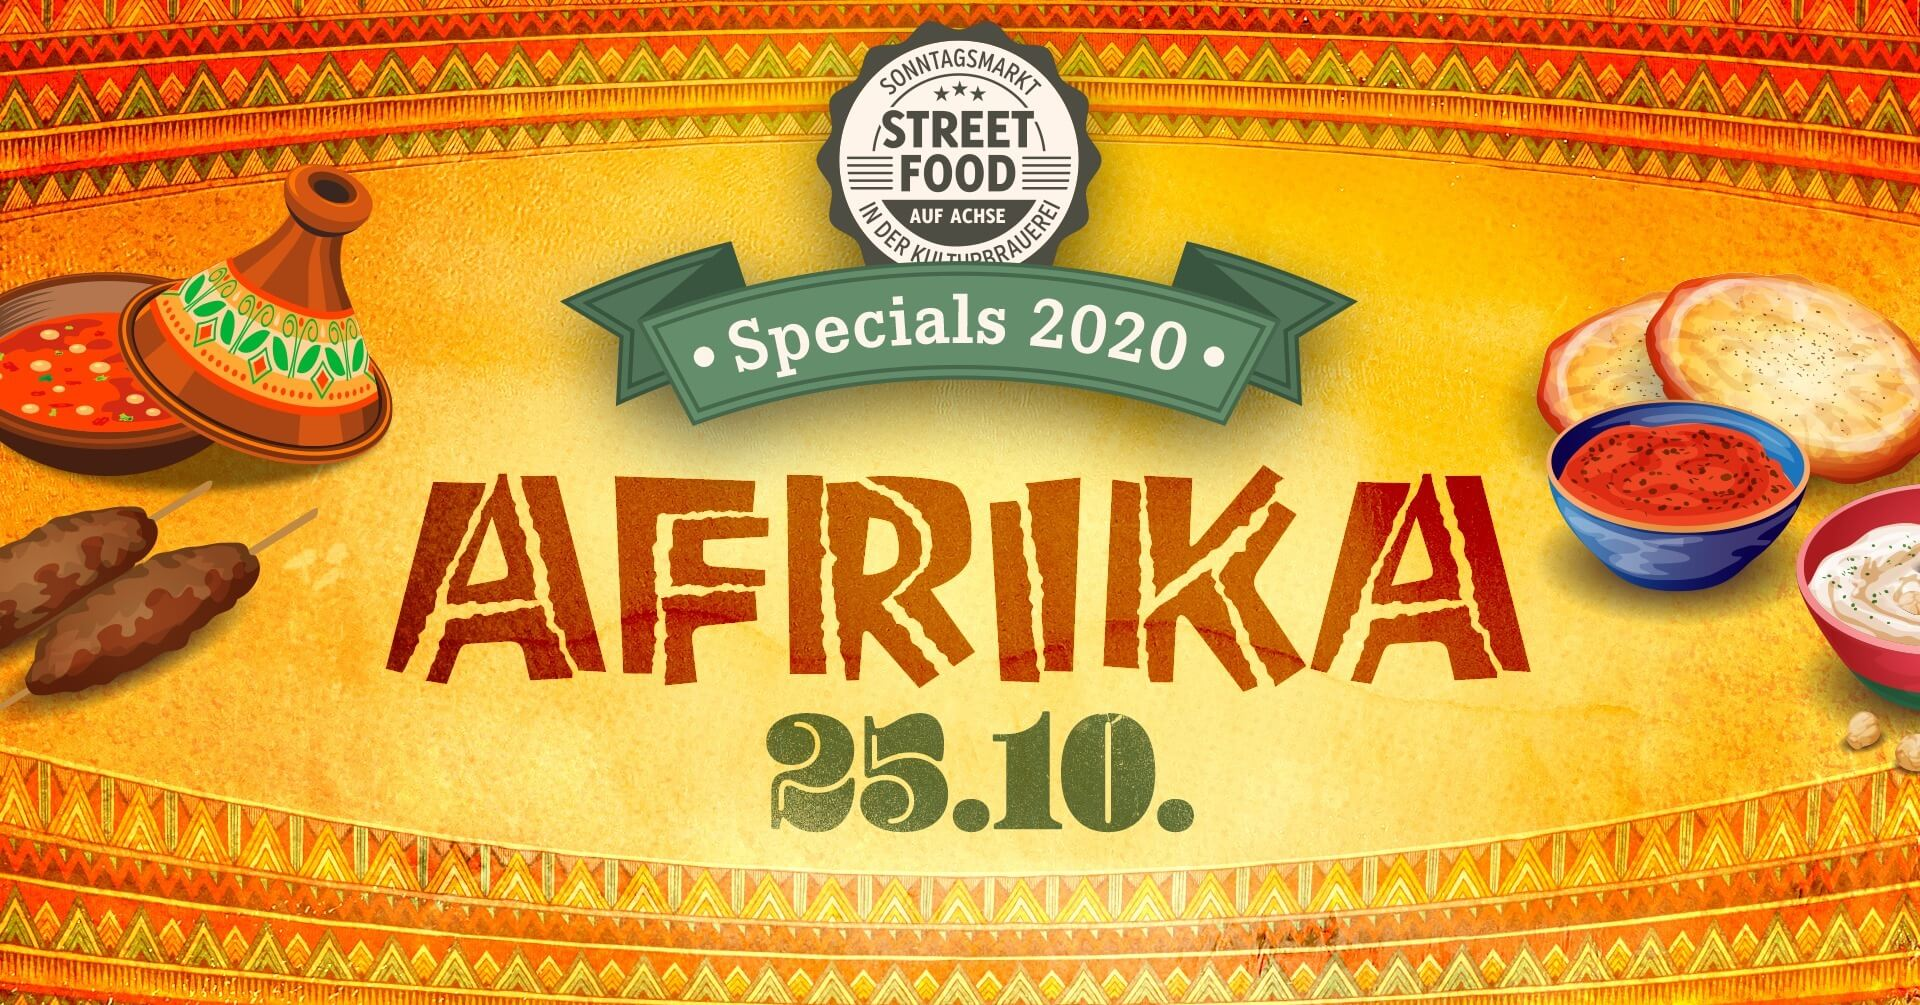 Street Food auf Achse Spezial - Afrika